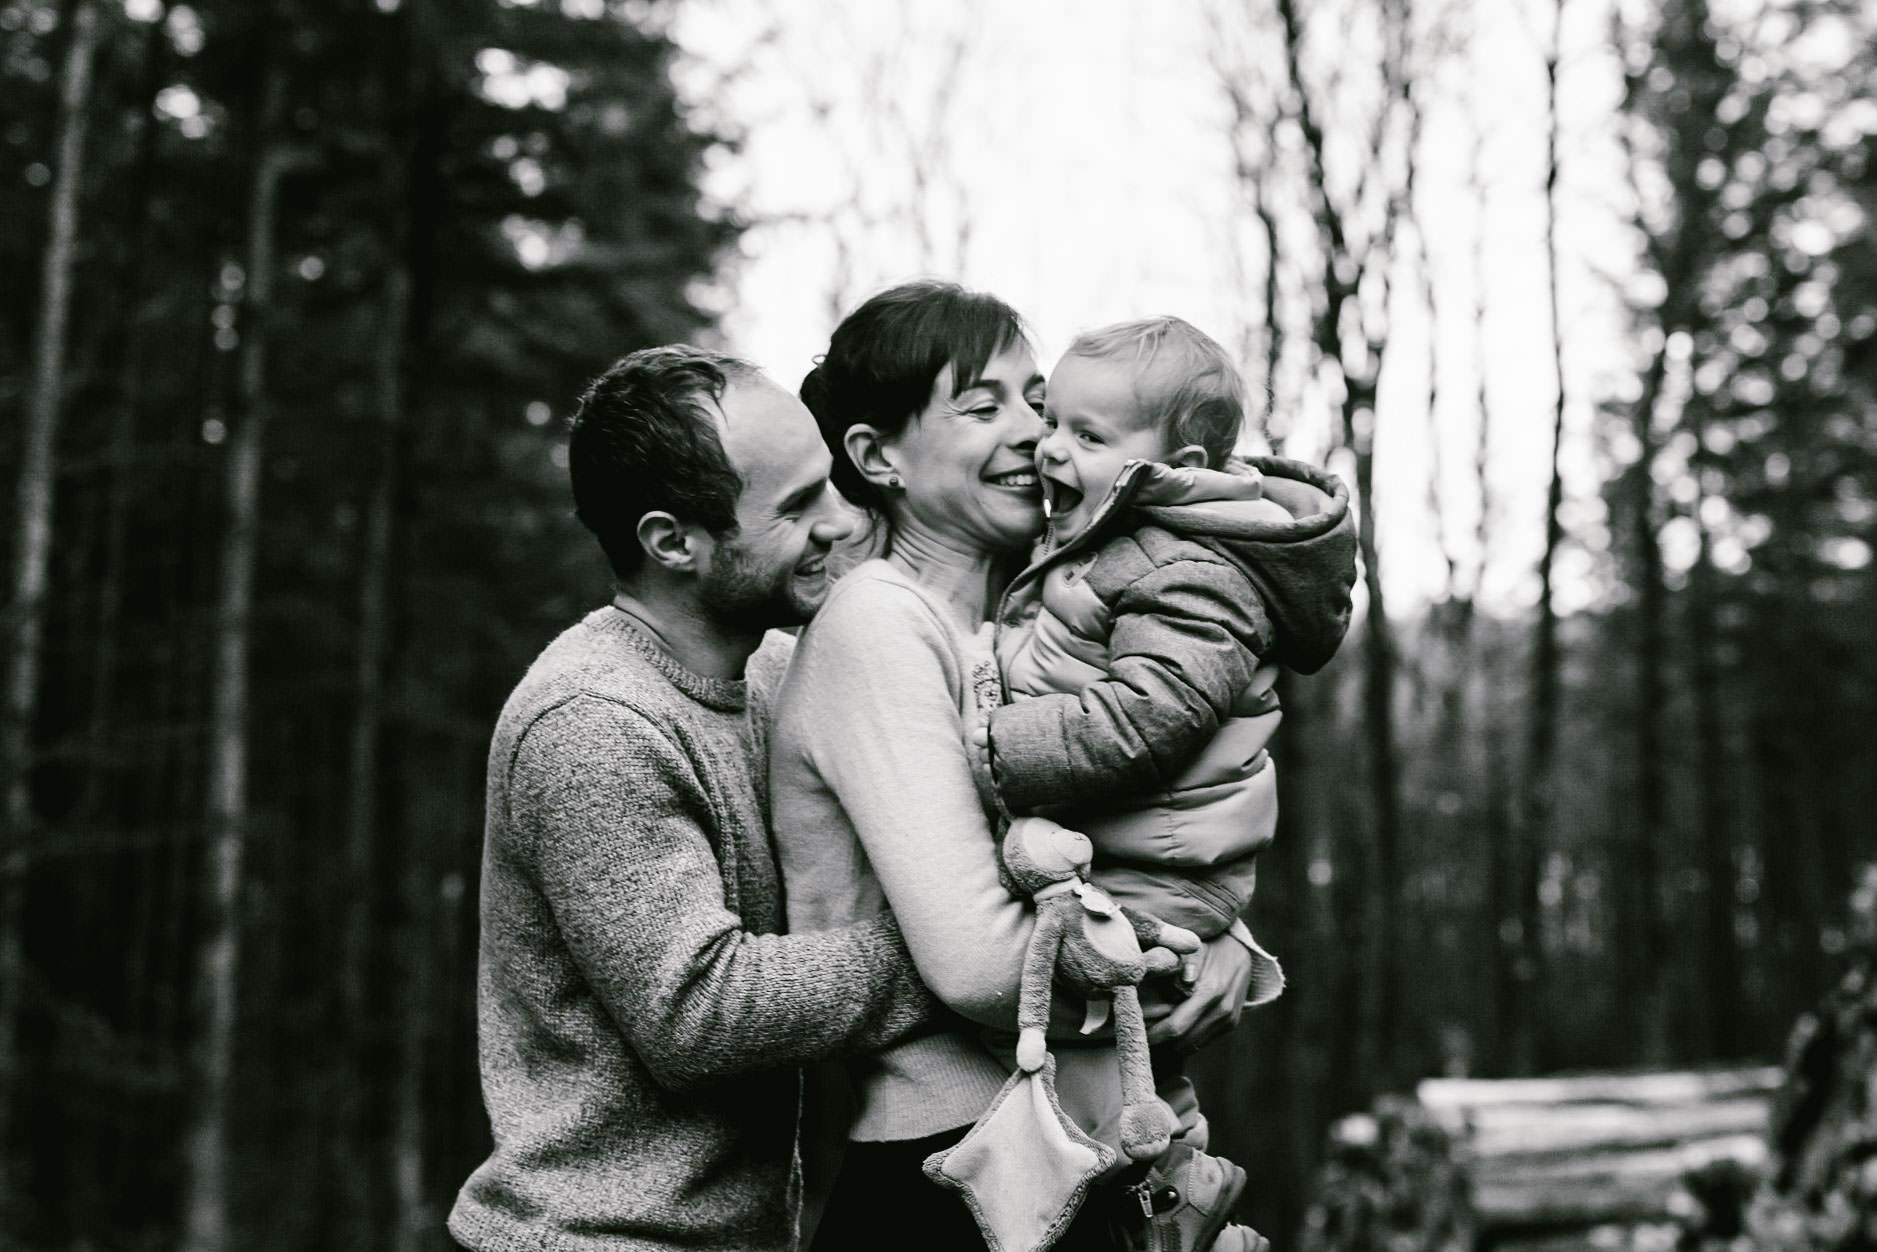 mariage-photographie-franche-comte-emiliekphotographie1-4